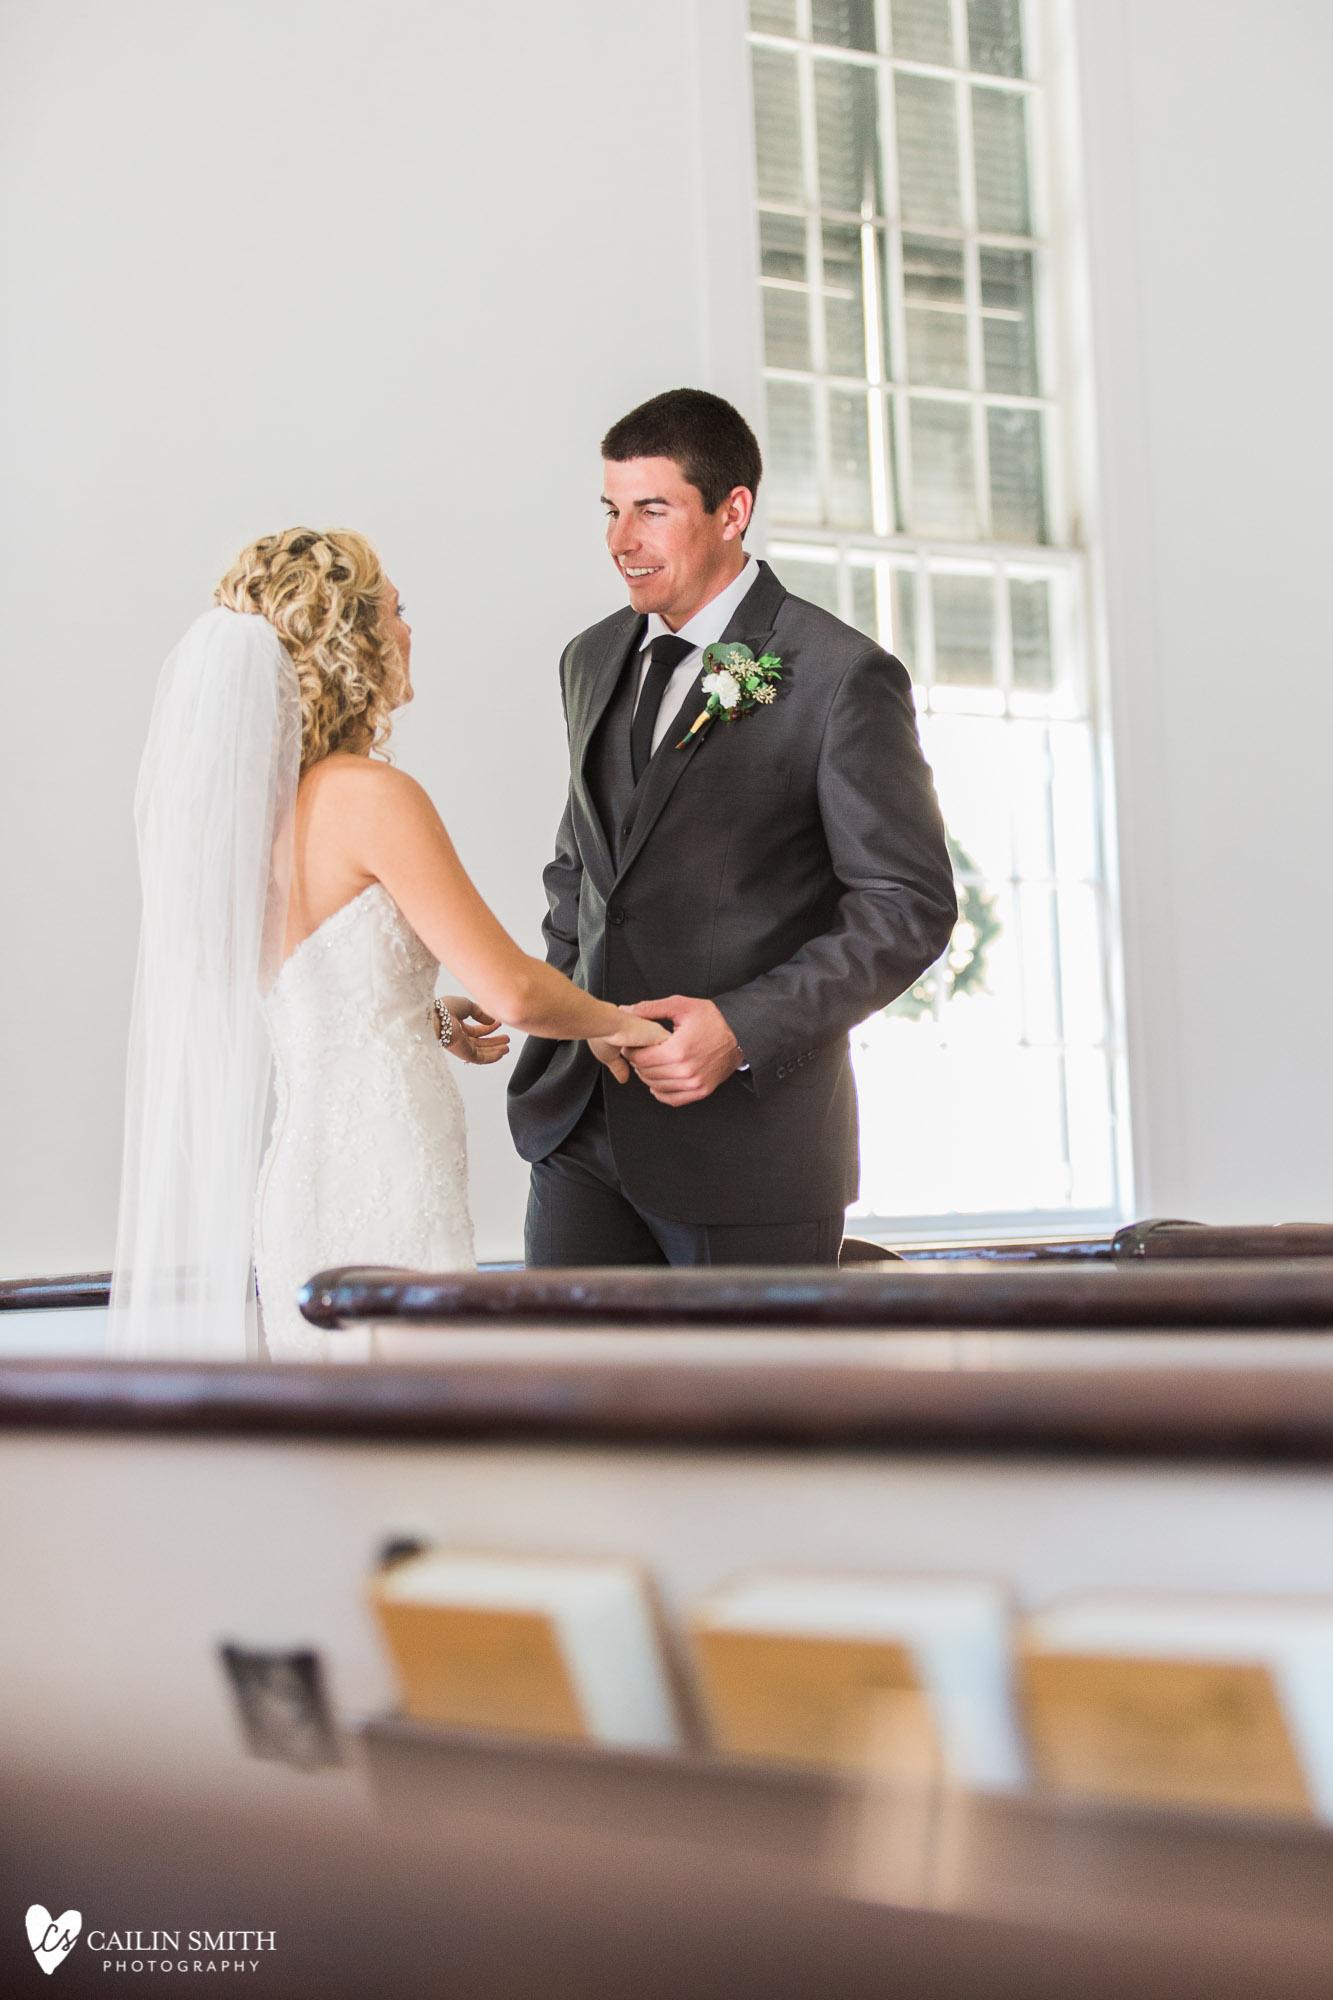 Leah_Major_St_Marys_Wedding_Photography_032.jpg